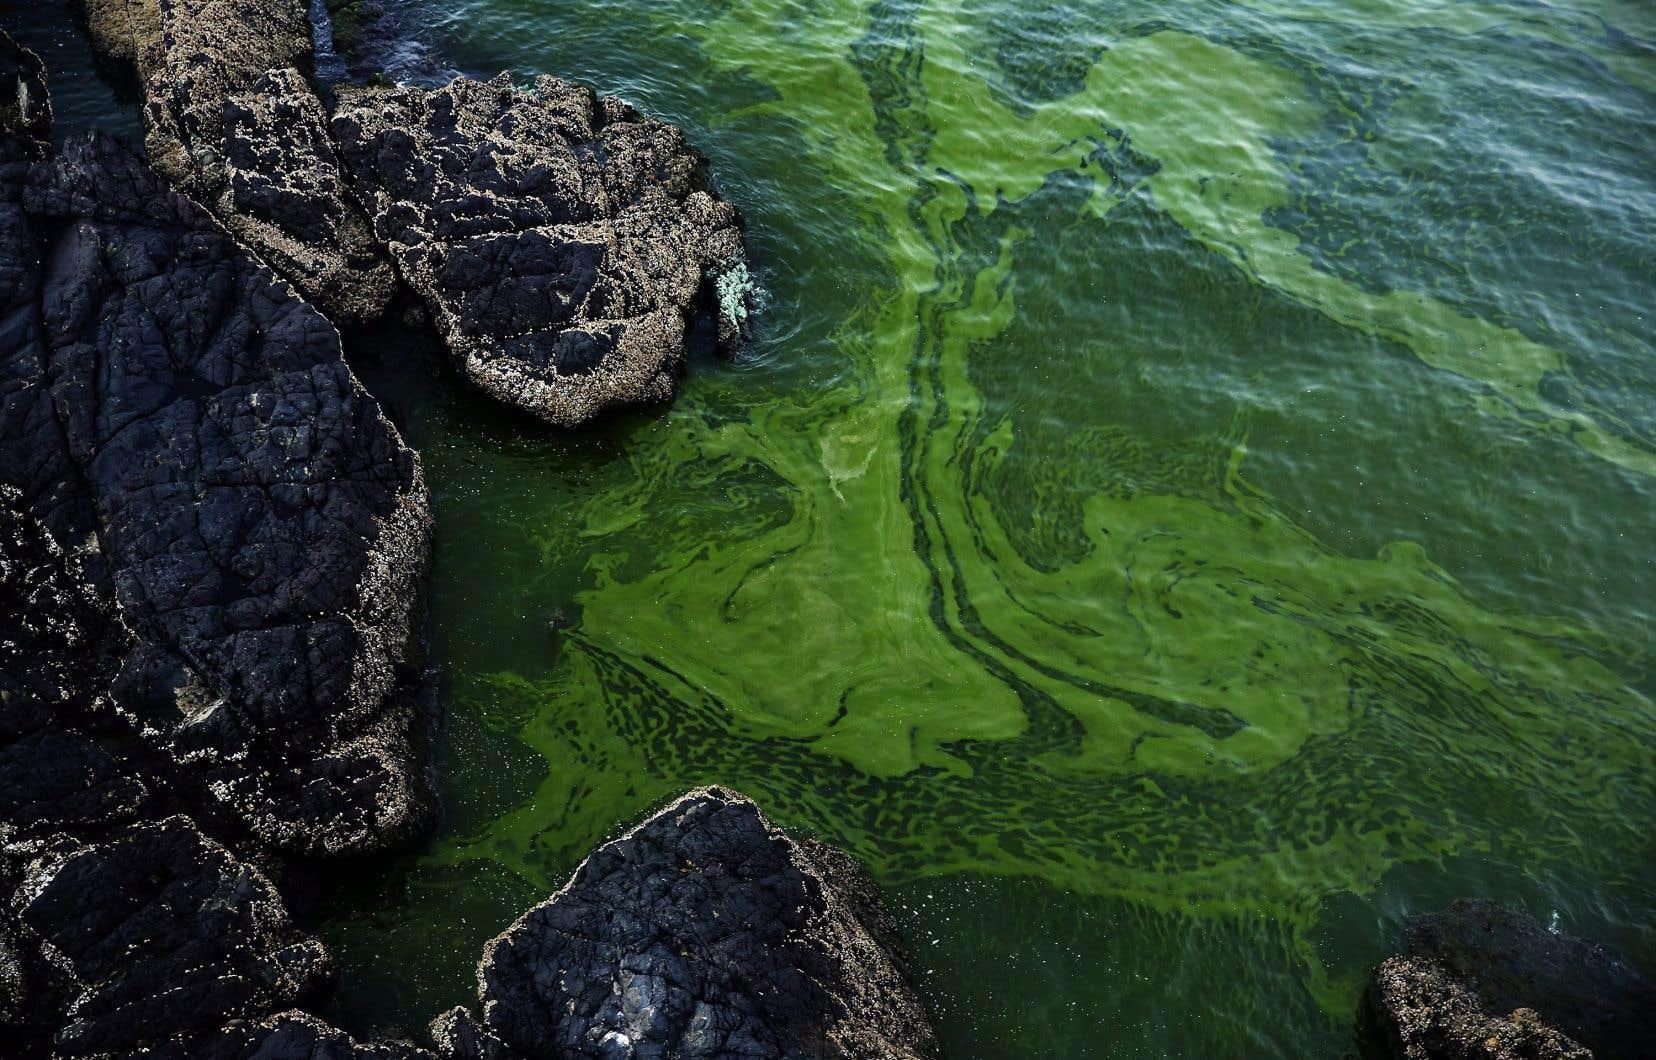 On observe une croissancephénoménale d'algues qui, une fois mortes, se décomposent et monopolisent tout l'oxygène disponible.